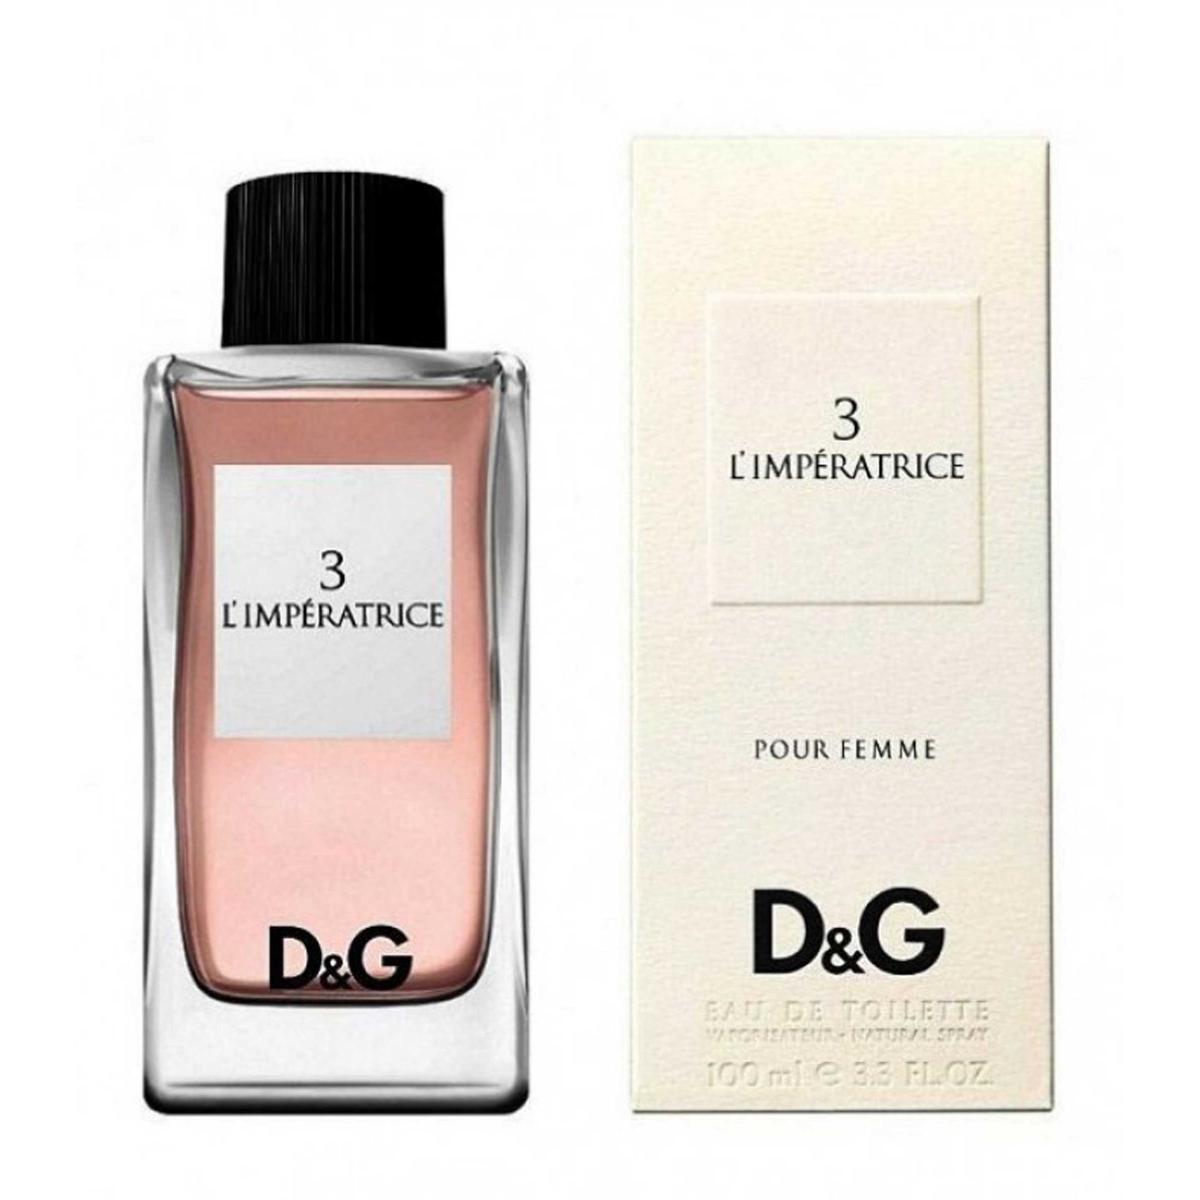 Profumo Dolce & Gabbana L'Imperatrice Eau de Toilette 100ml da donna